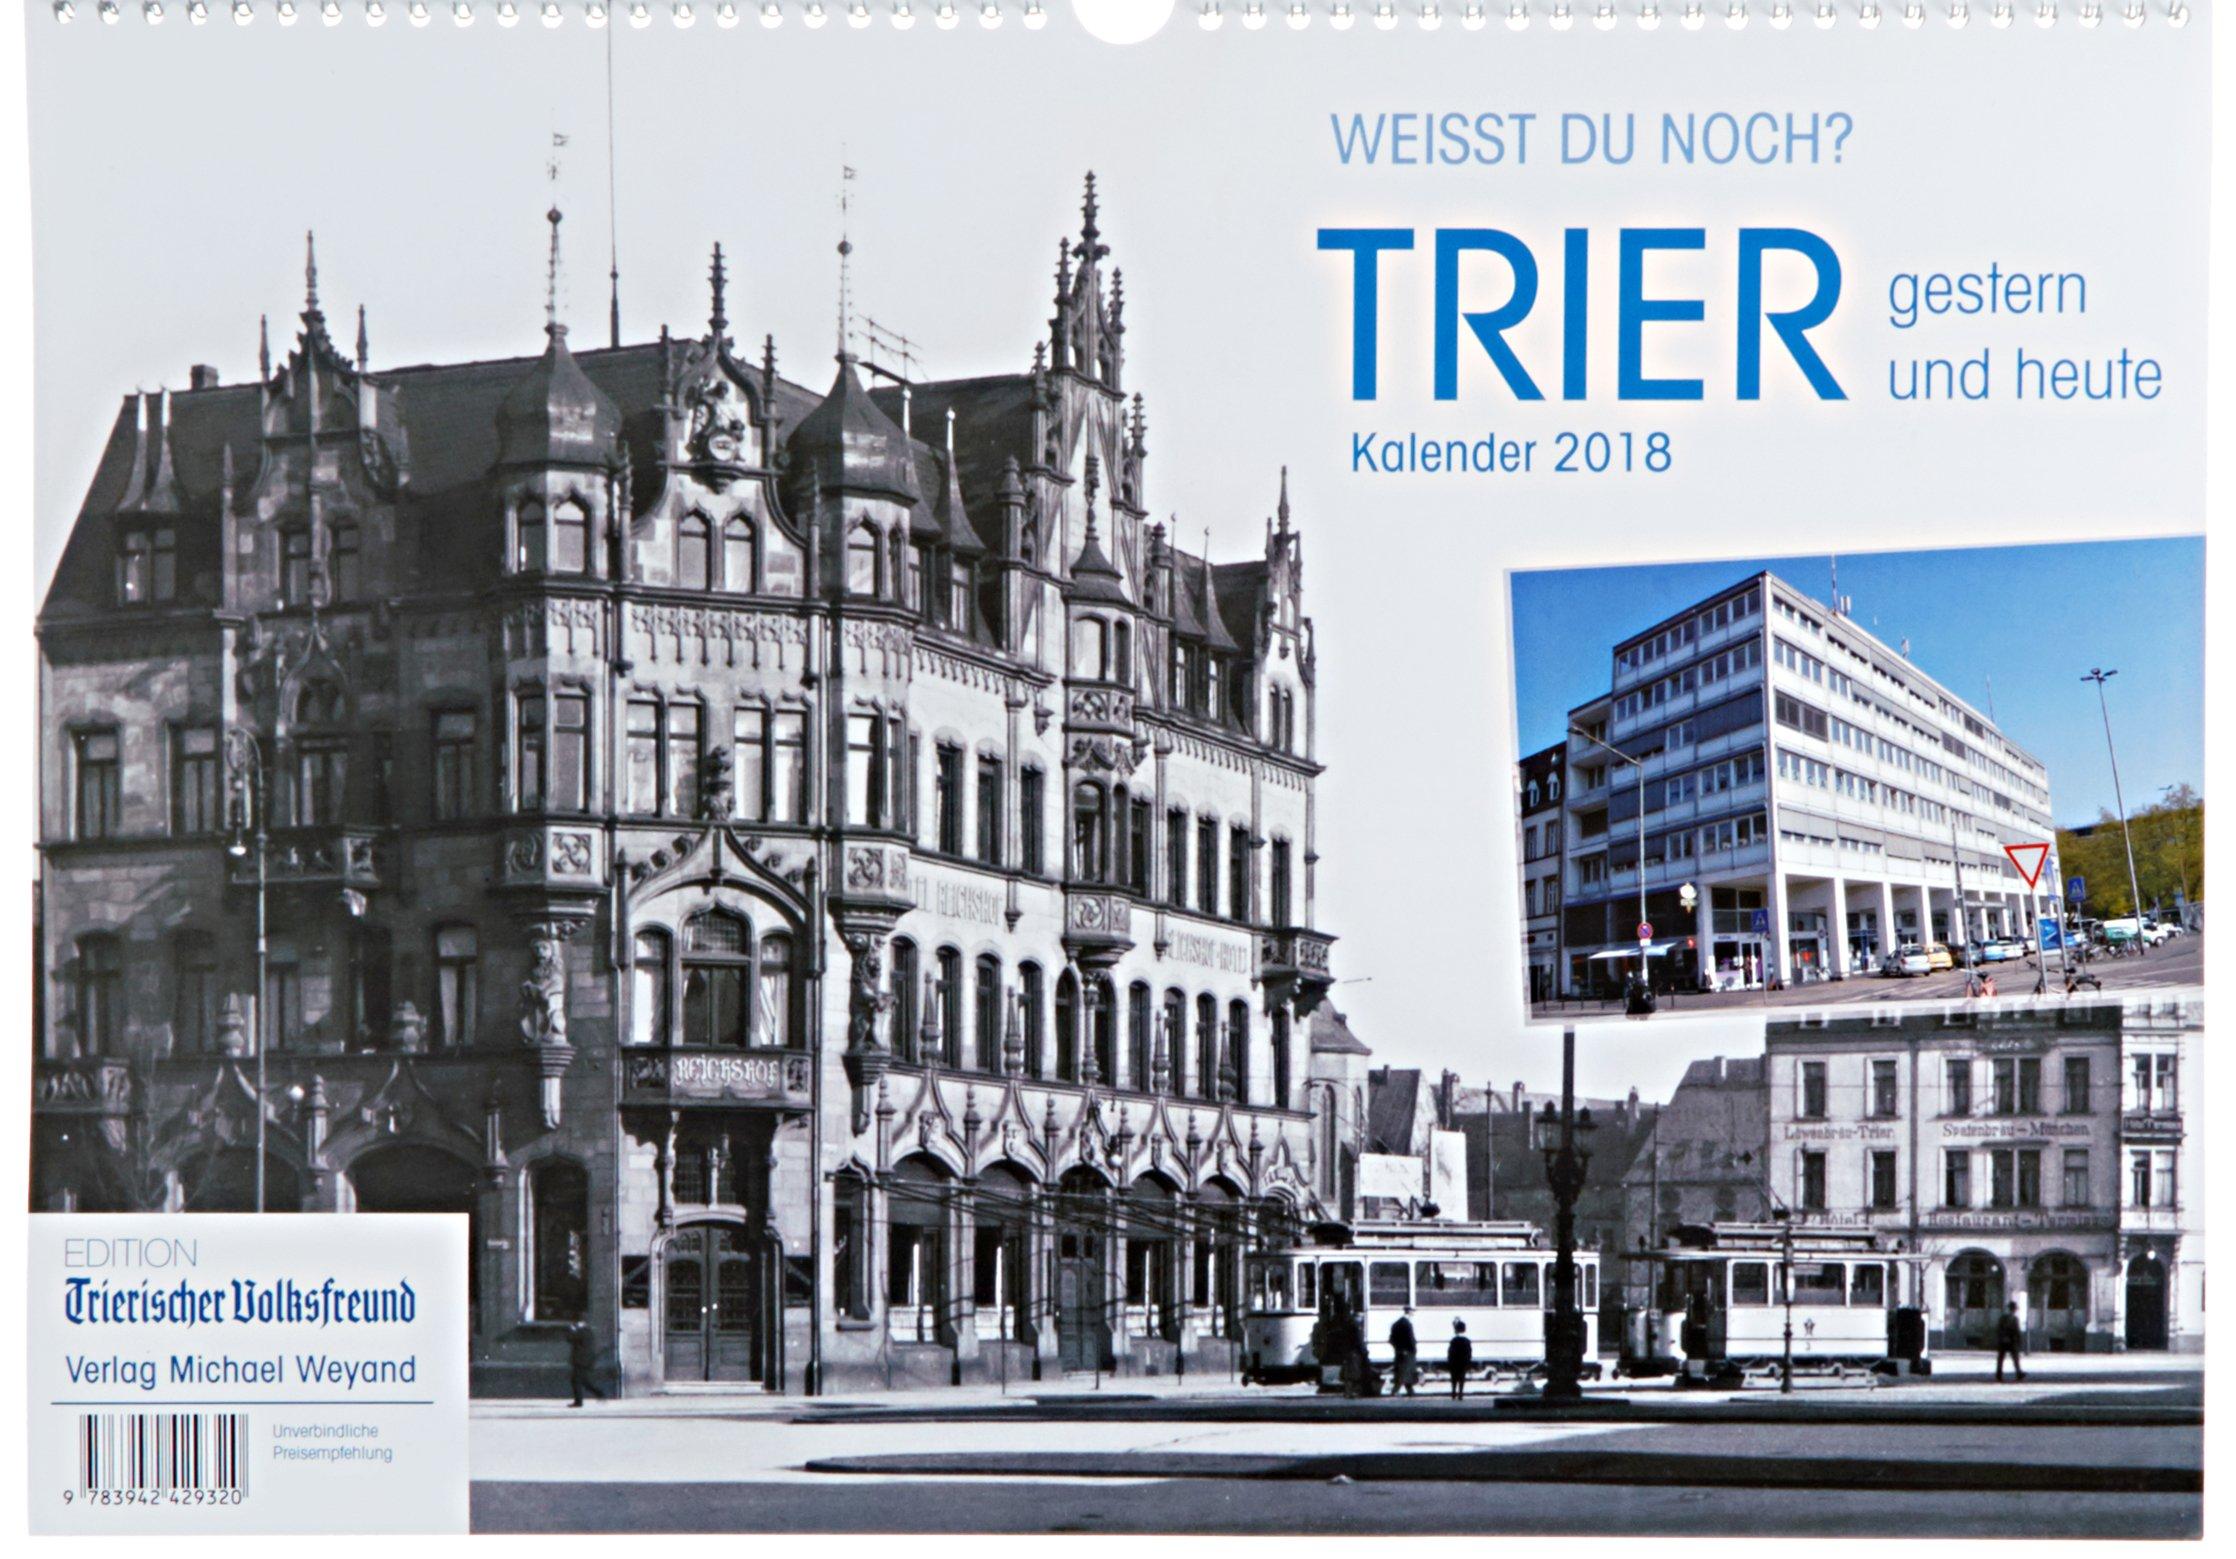 Trier – Kalender 2018: Weißt du noch? Trier gestern und heute